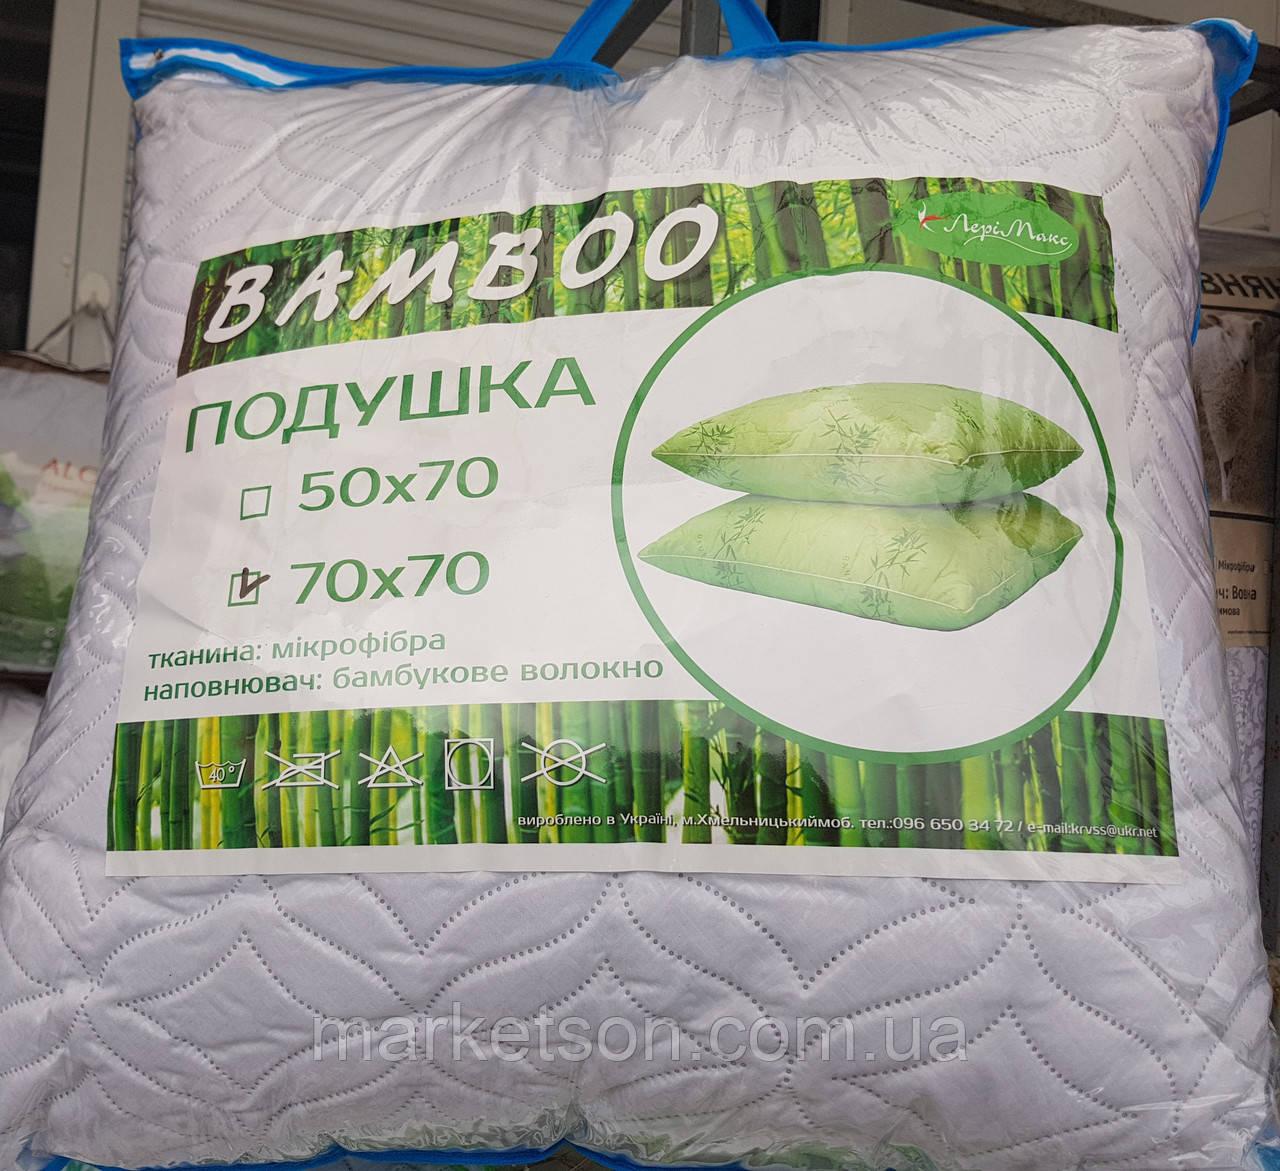 Подушка из бамбукового волокна 70х70